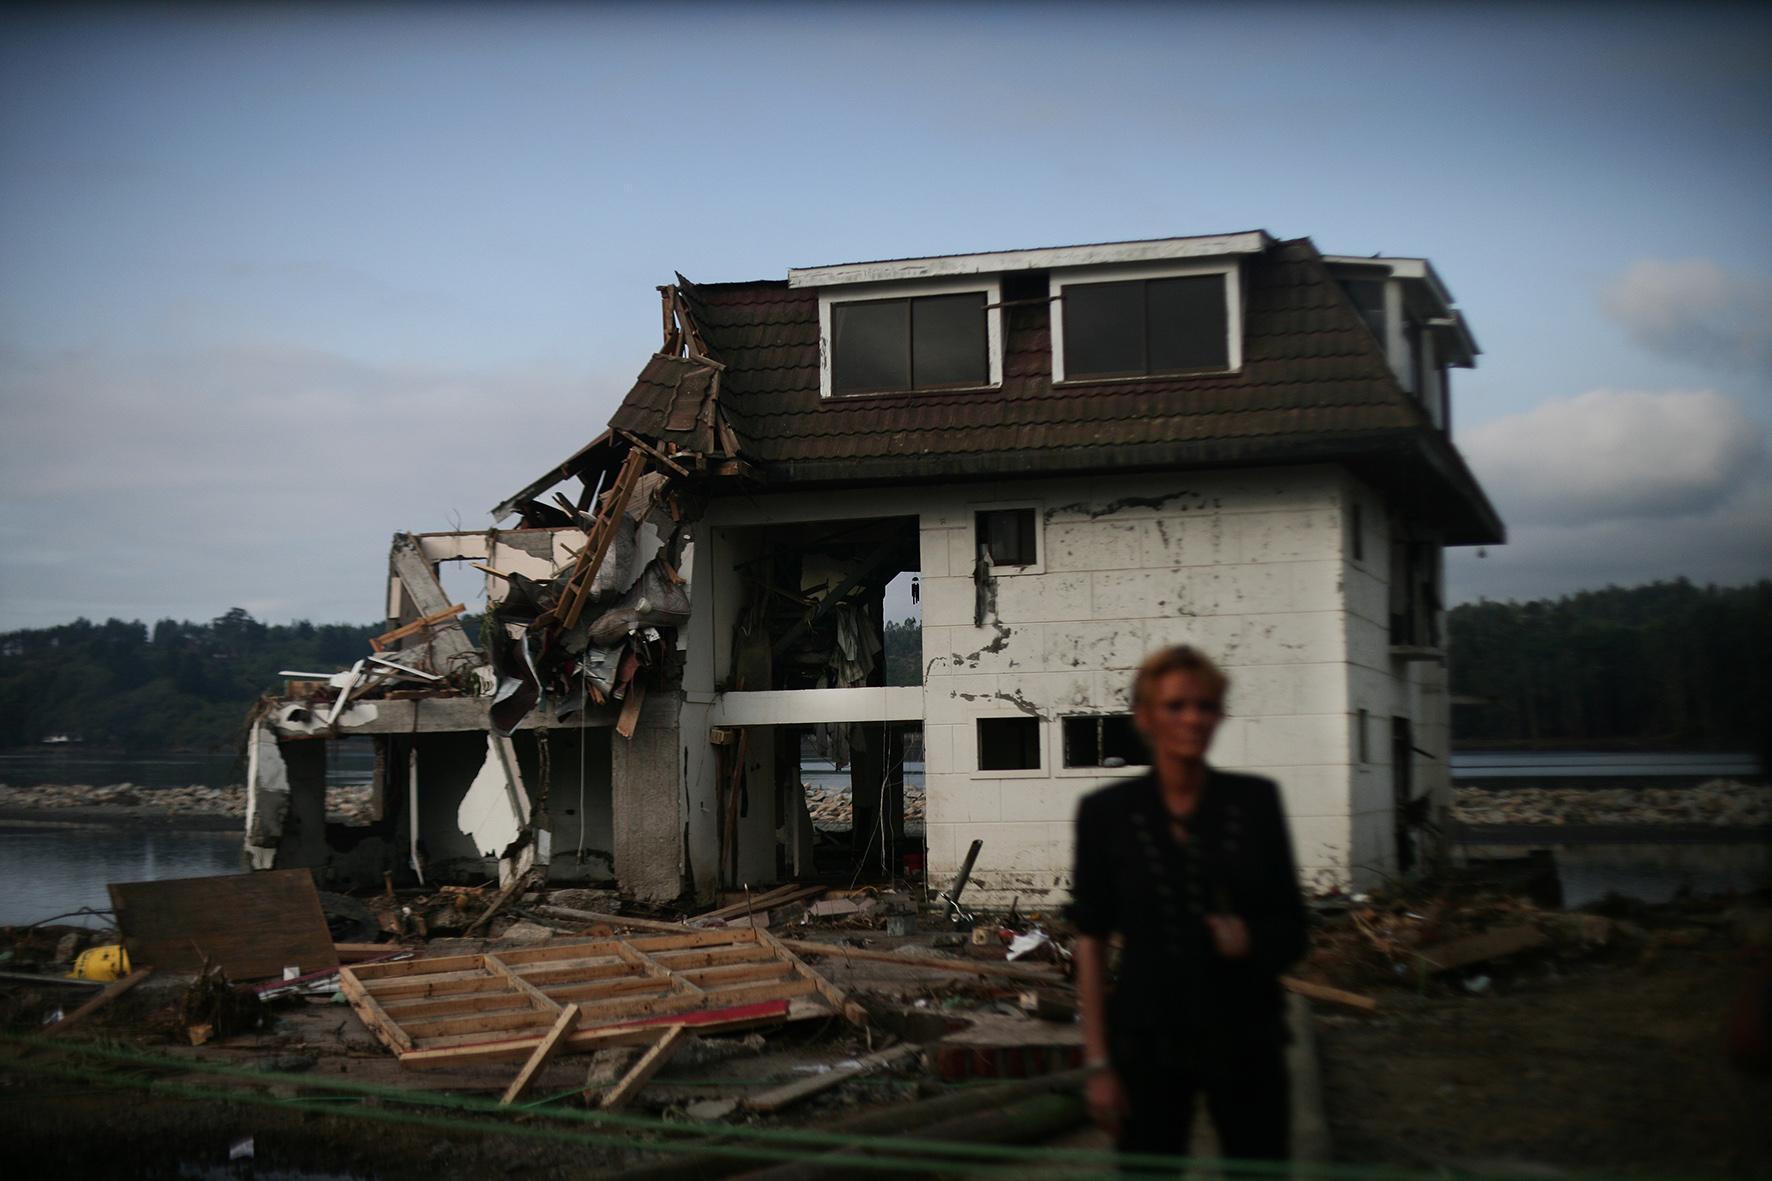 una periodista raliza un enlace enfrente de un hotel destruido por el tsunami en constitucion